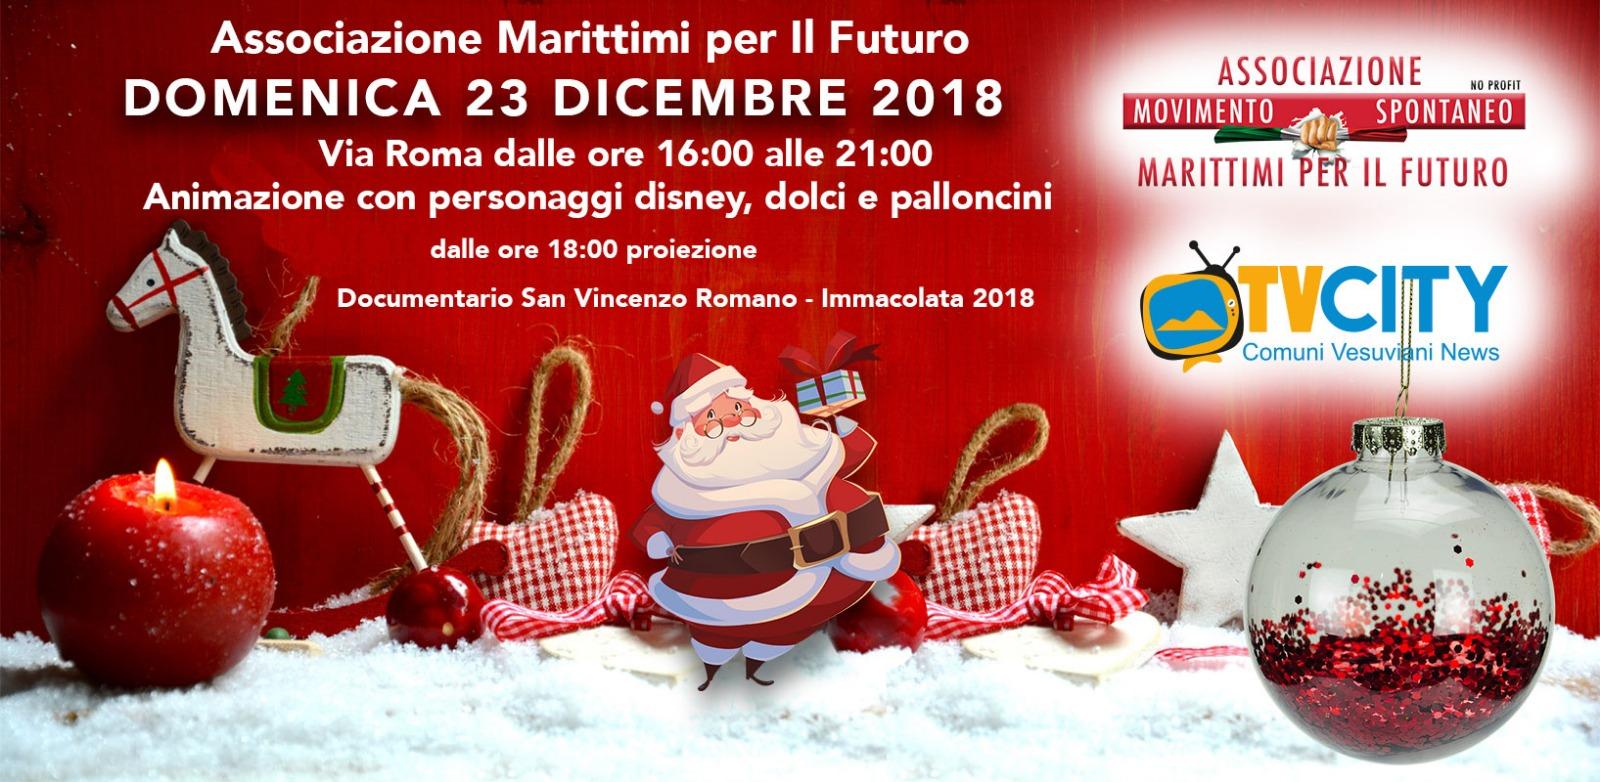 Natale a Torre del Greco: animazione per i bambini e dolci con i Marittimi per il Futuro